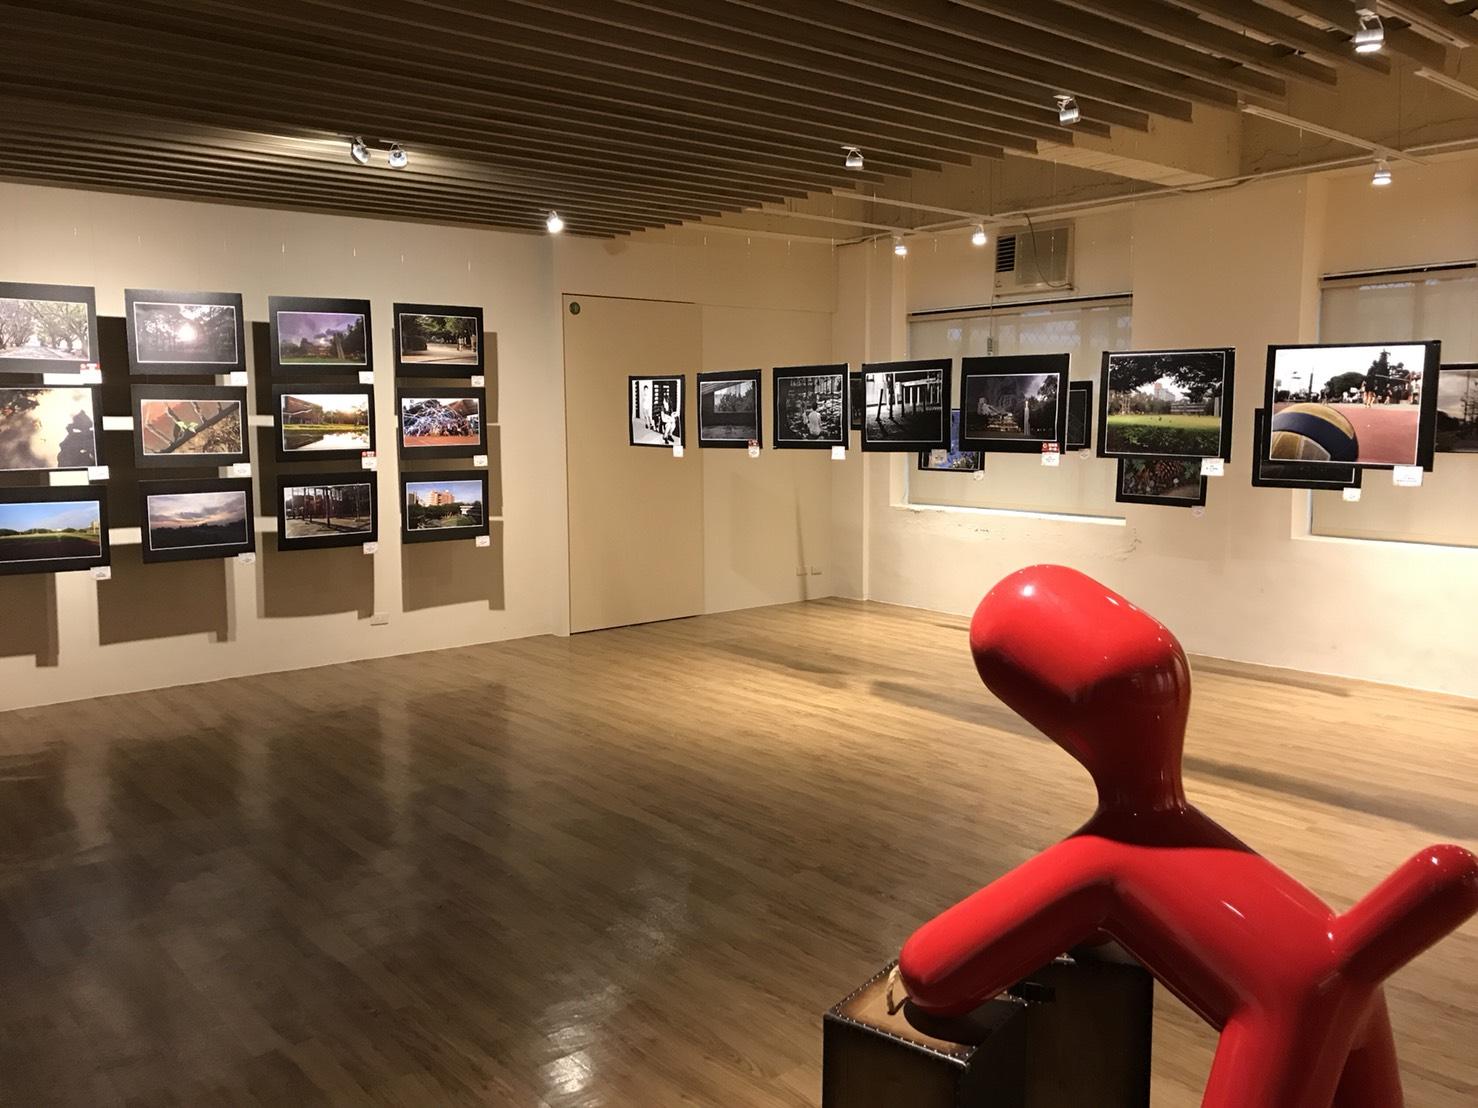 通稿照片-中原大學學生活動中心「多功能展演廳」榮獲2017年柏林設計金獎及倫敦設計銀獎,提供學生社團展覽及表演活動為主.jpg